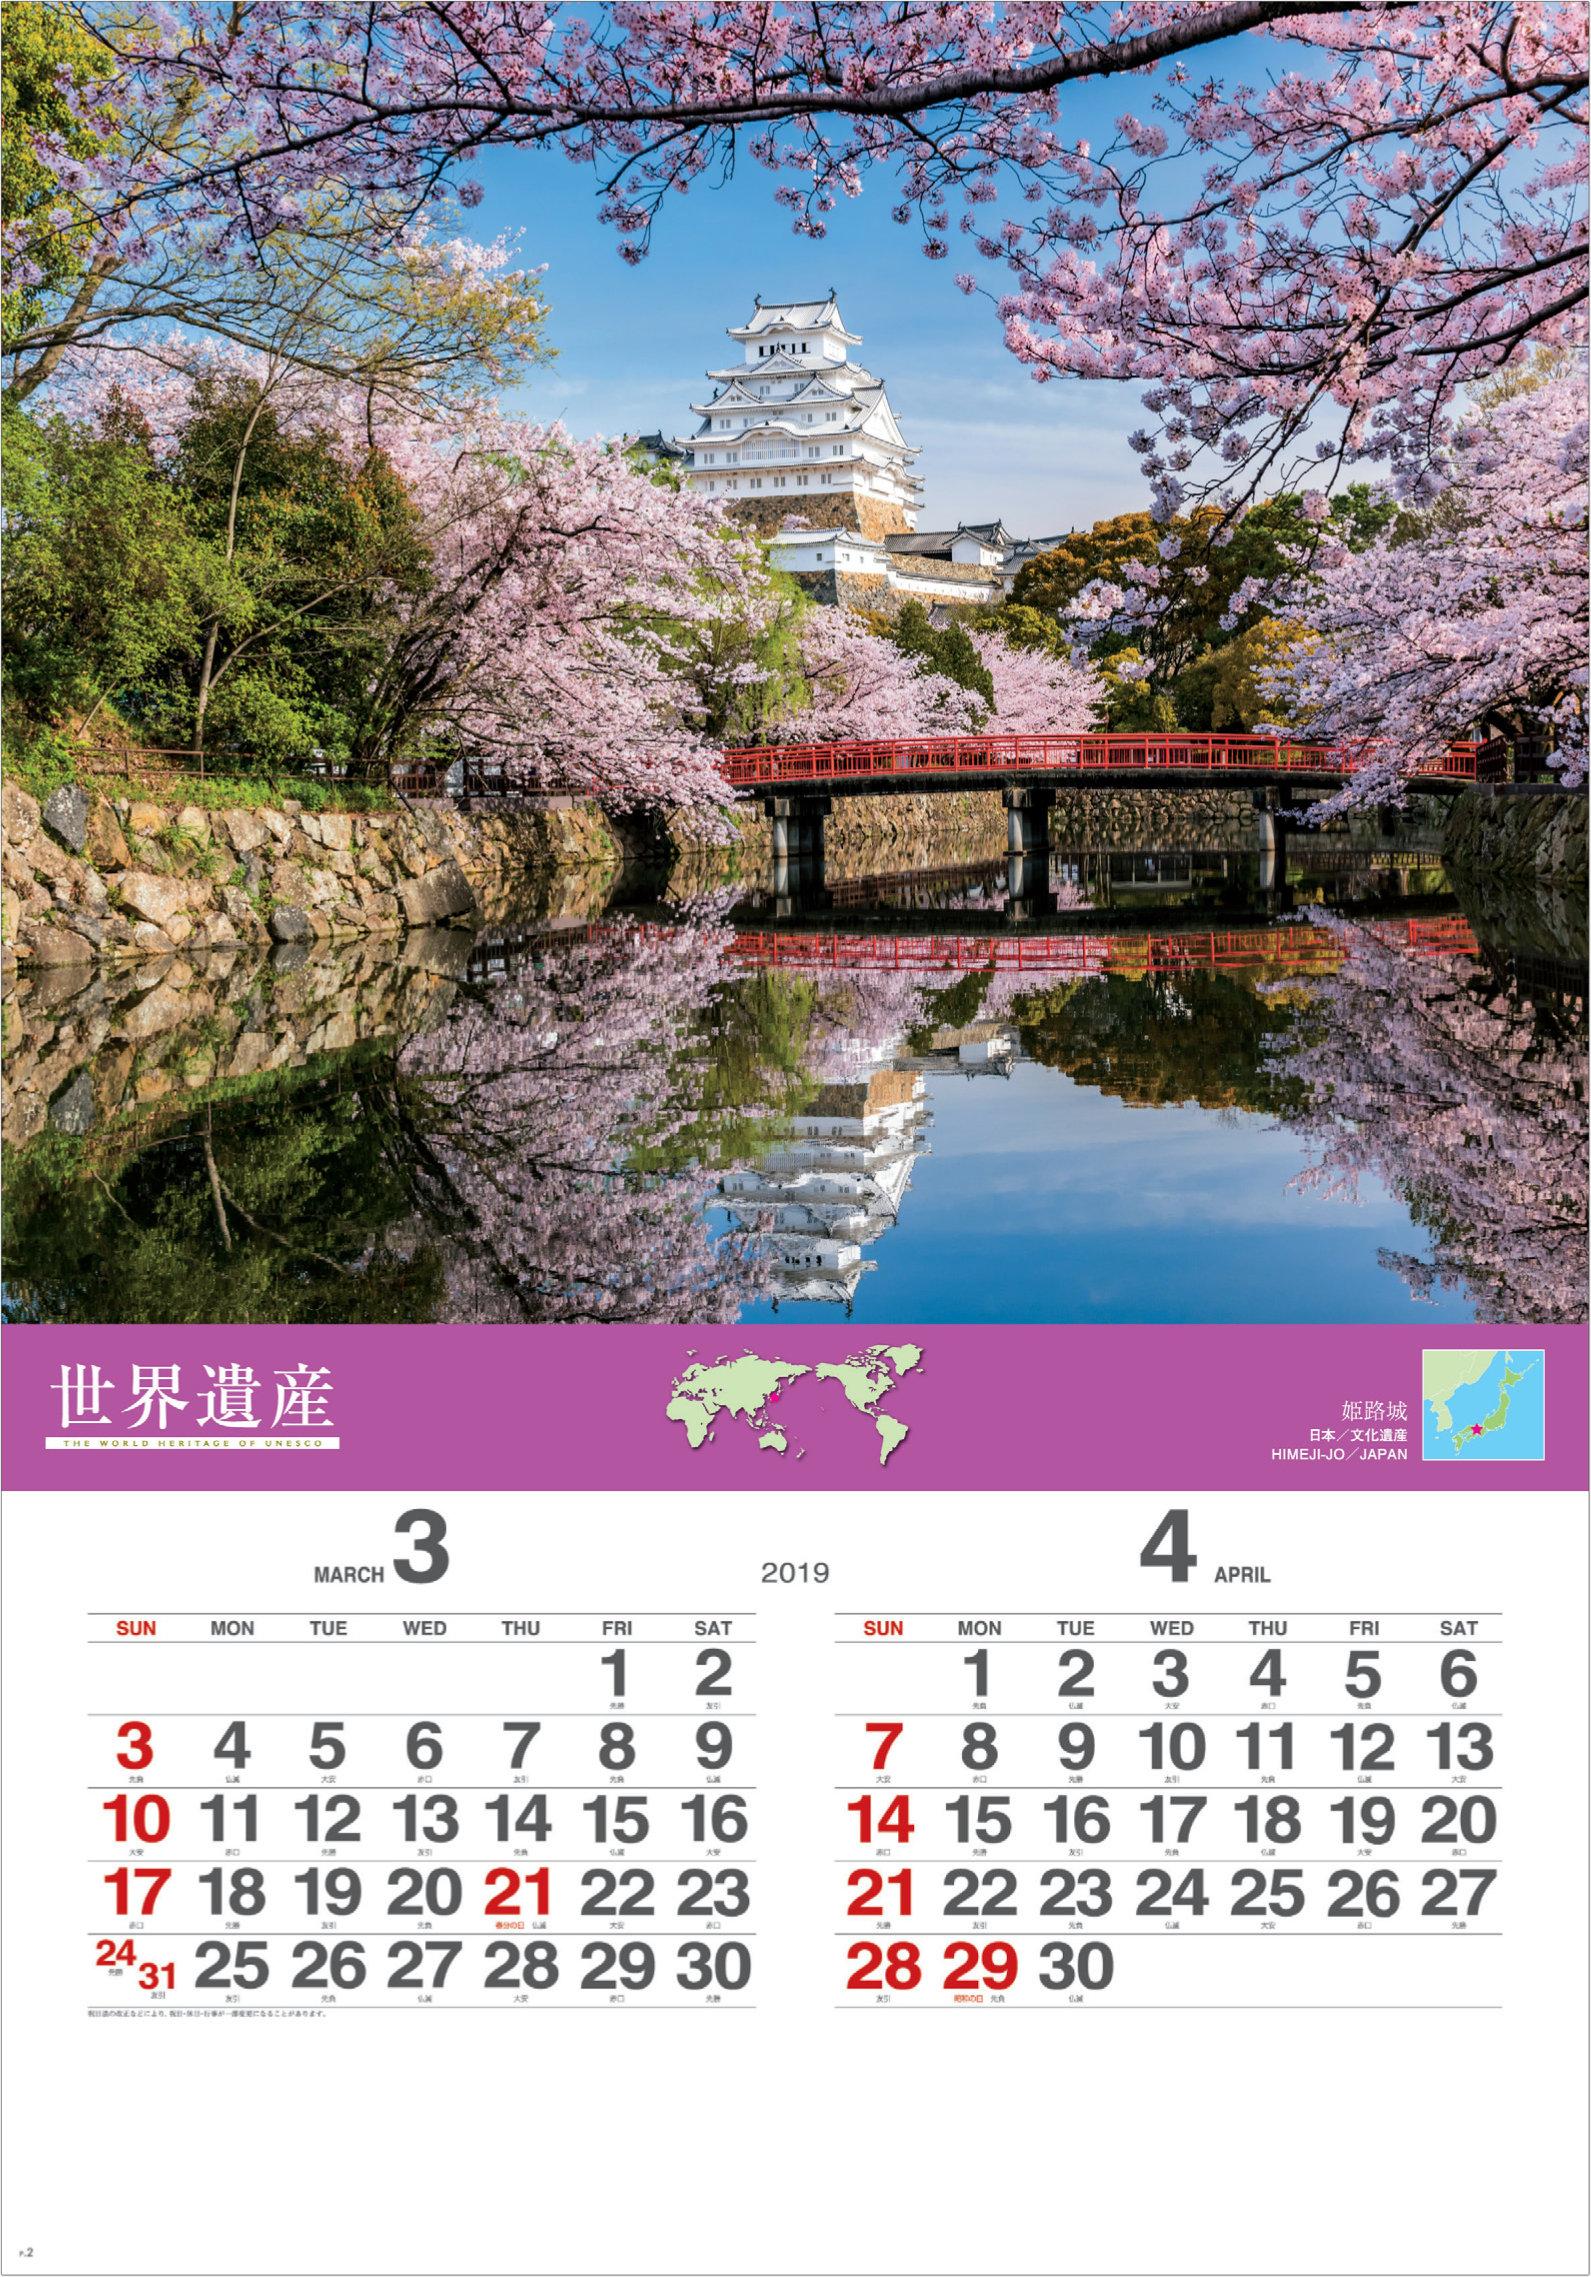 画像:日本の世界遺産「姫路城」 ユネスコ世界遺産(フィルムカレンダー) 2019年カレンダー